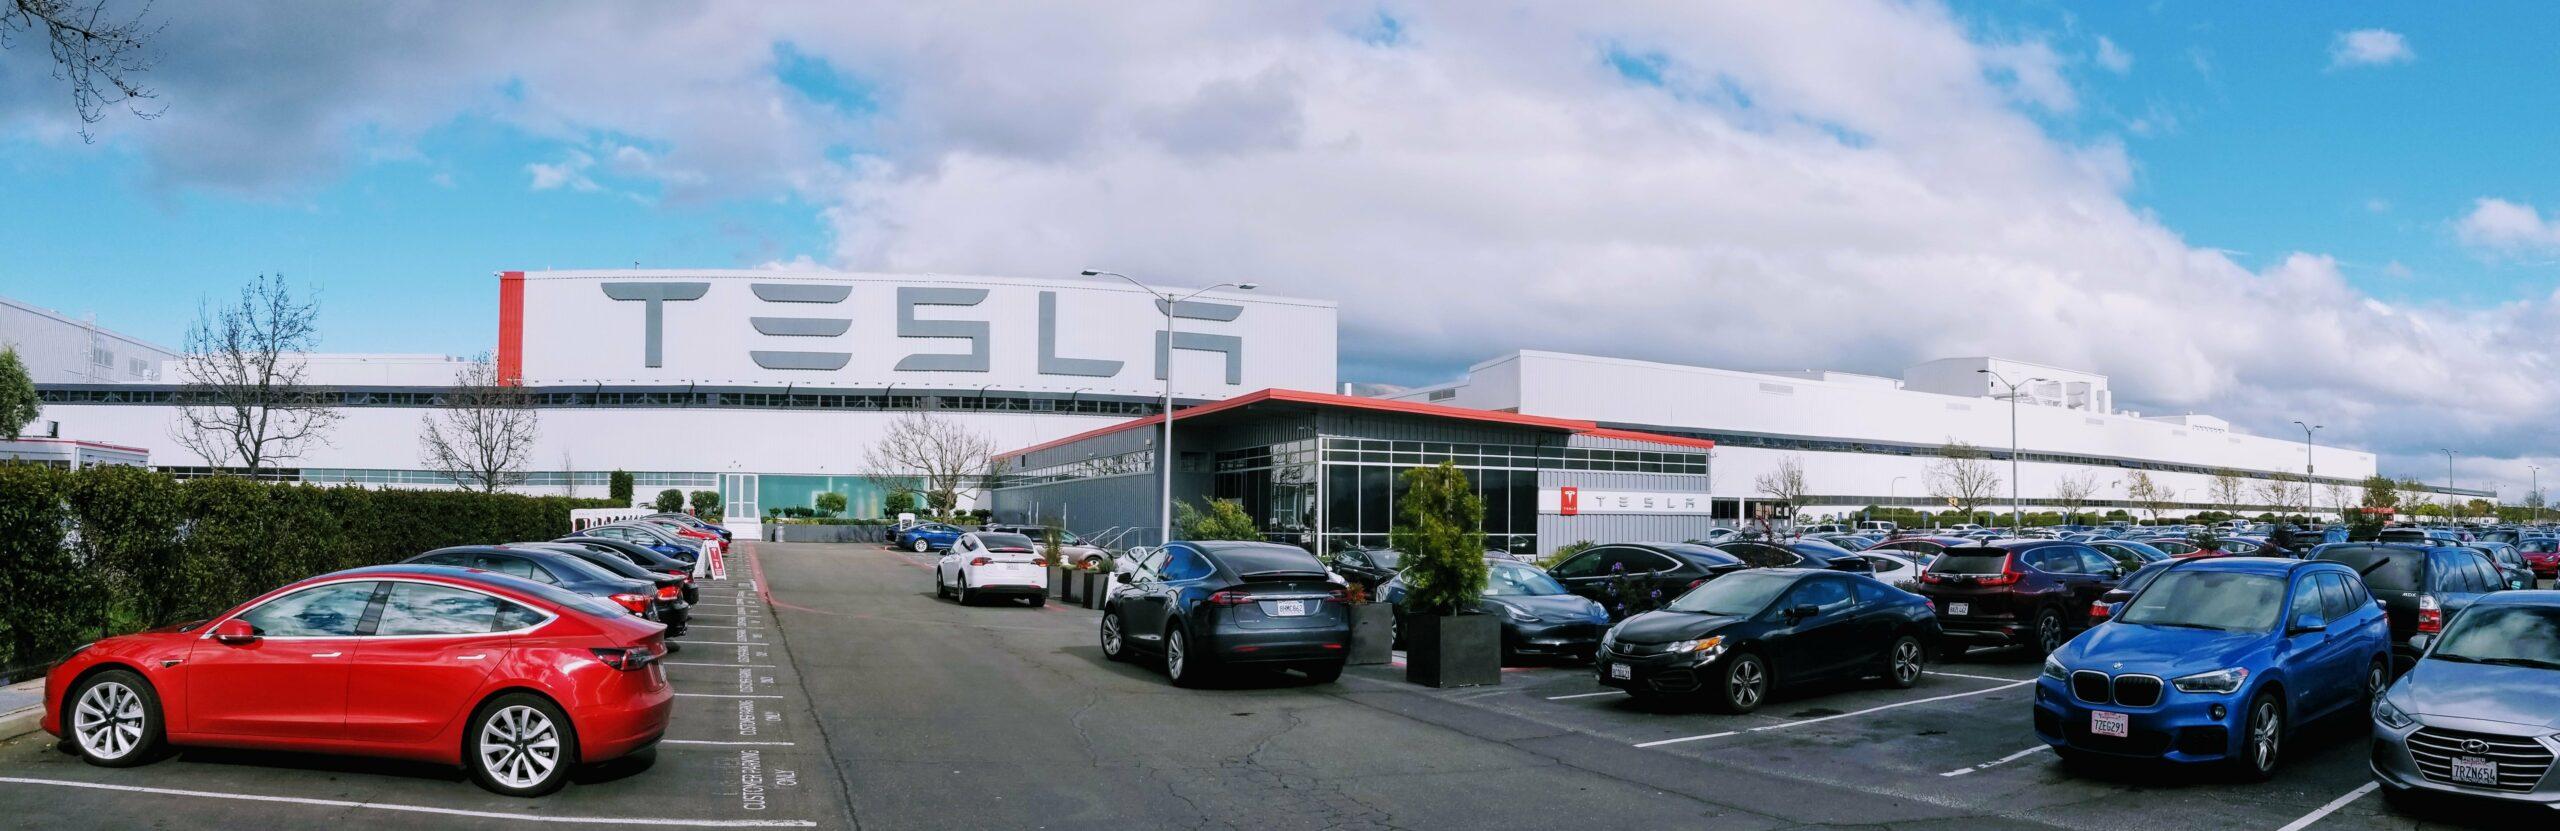 Tesla Fremont plant Alameda County